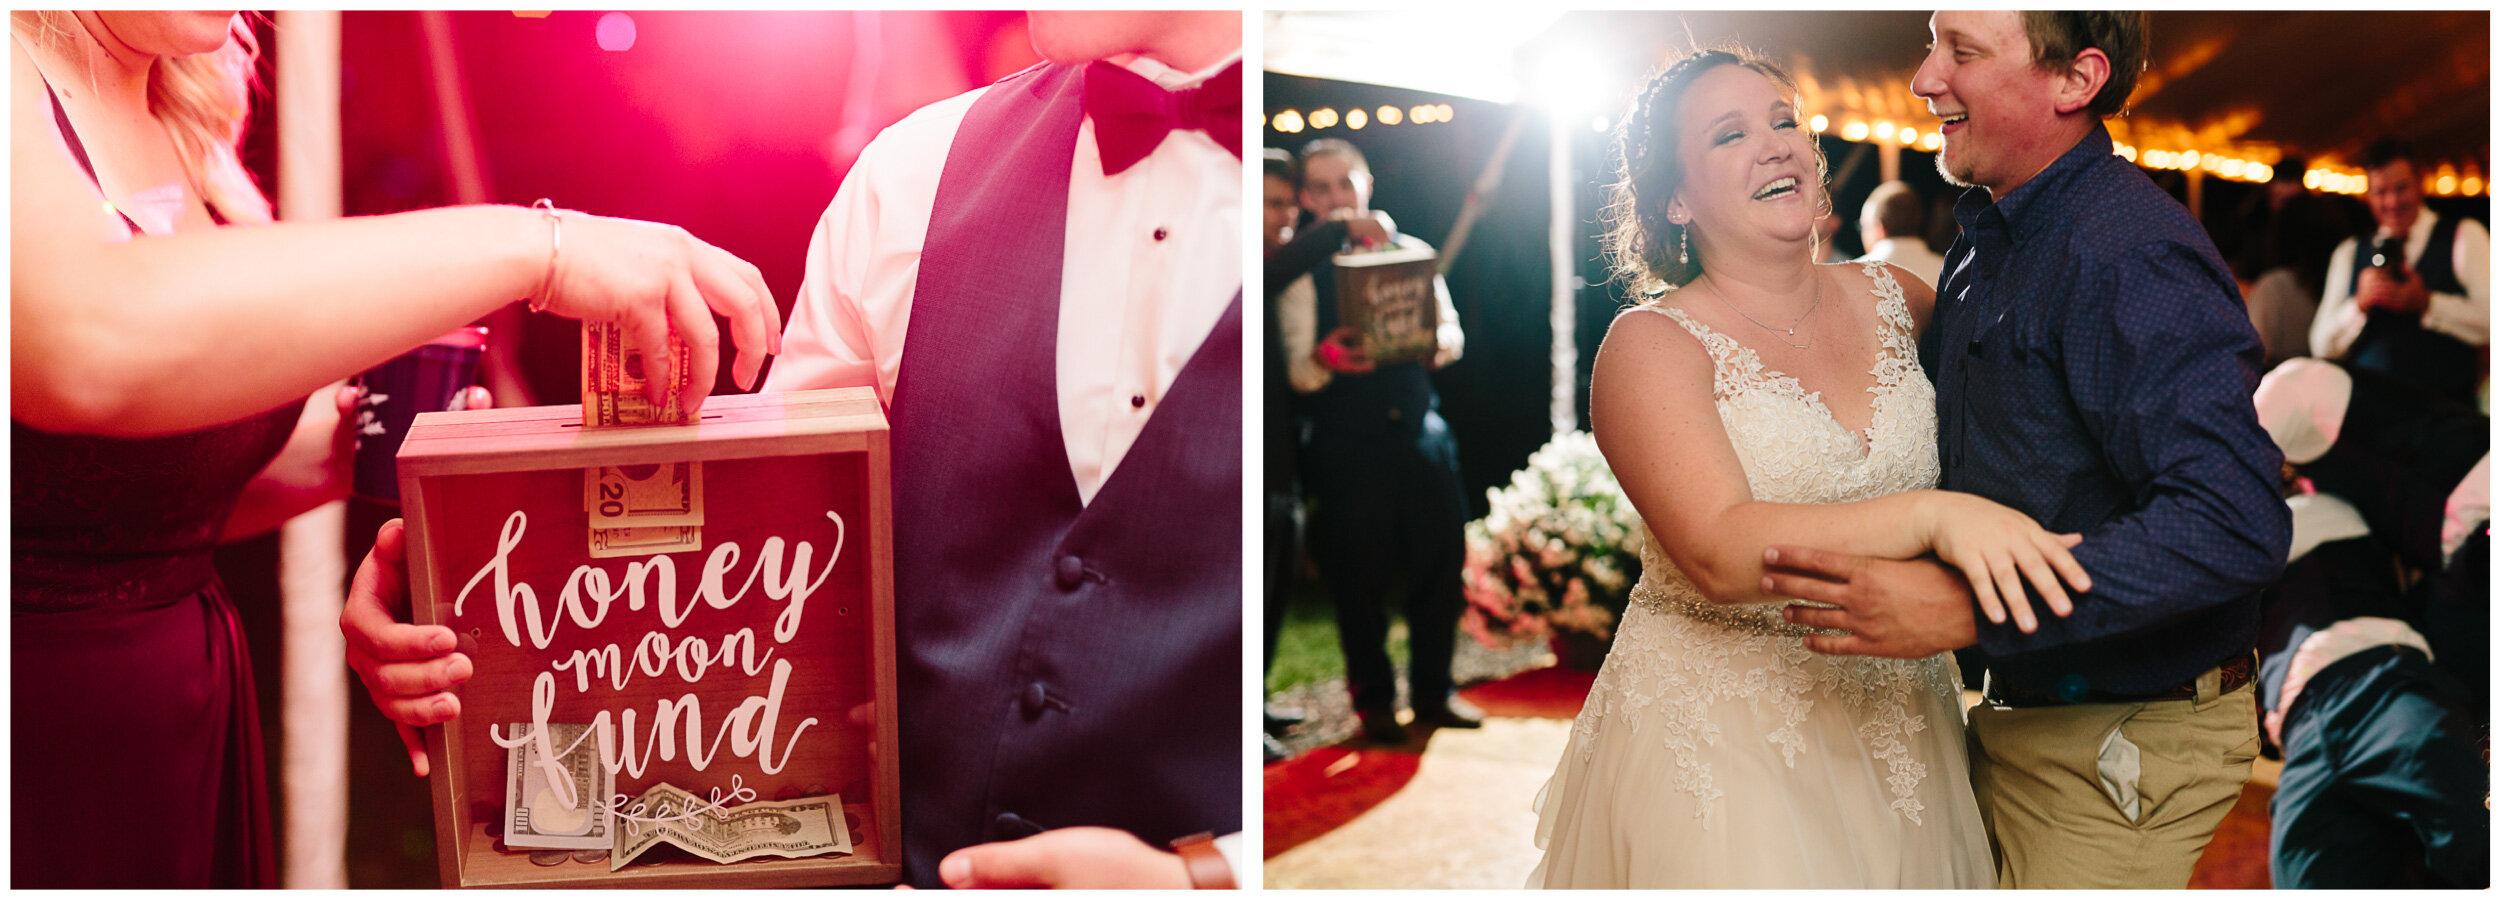 brighton_colorado_wedding_107.jpg